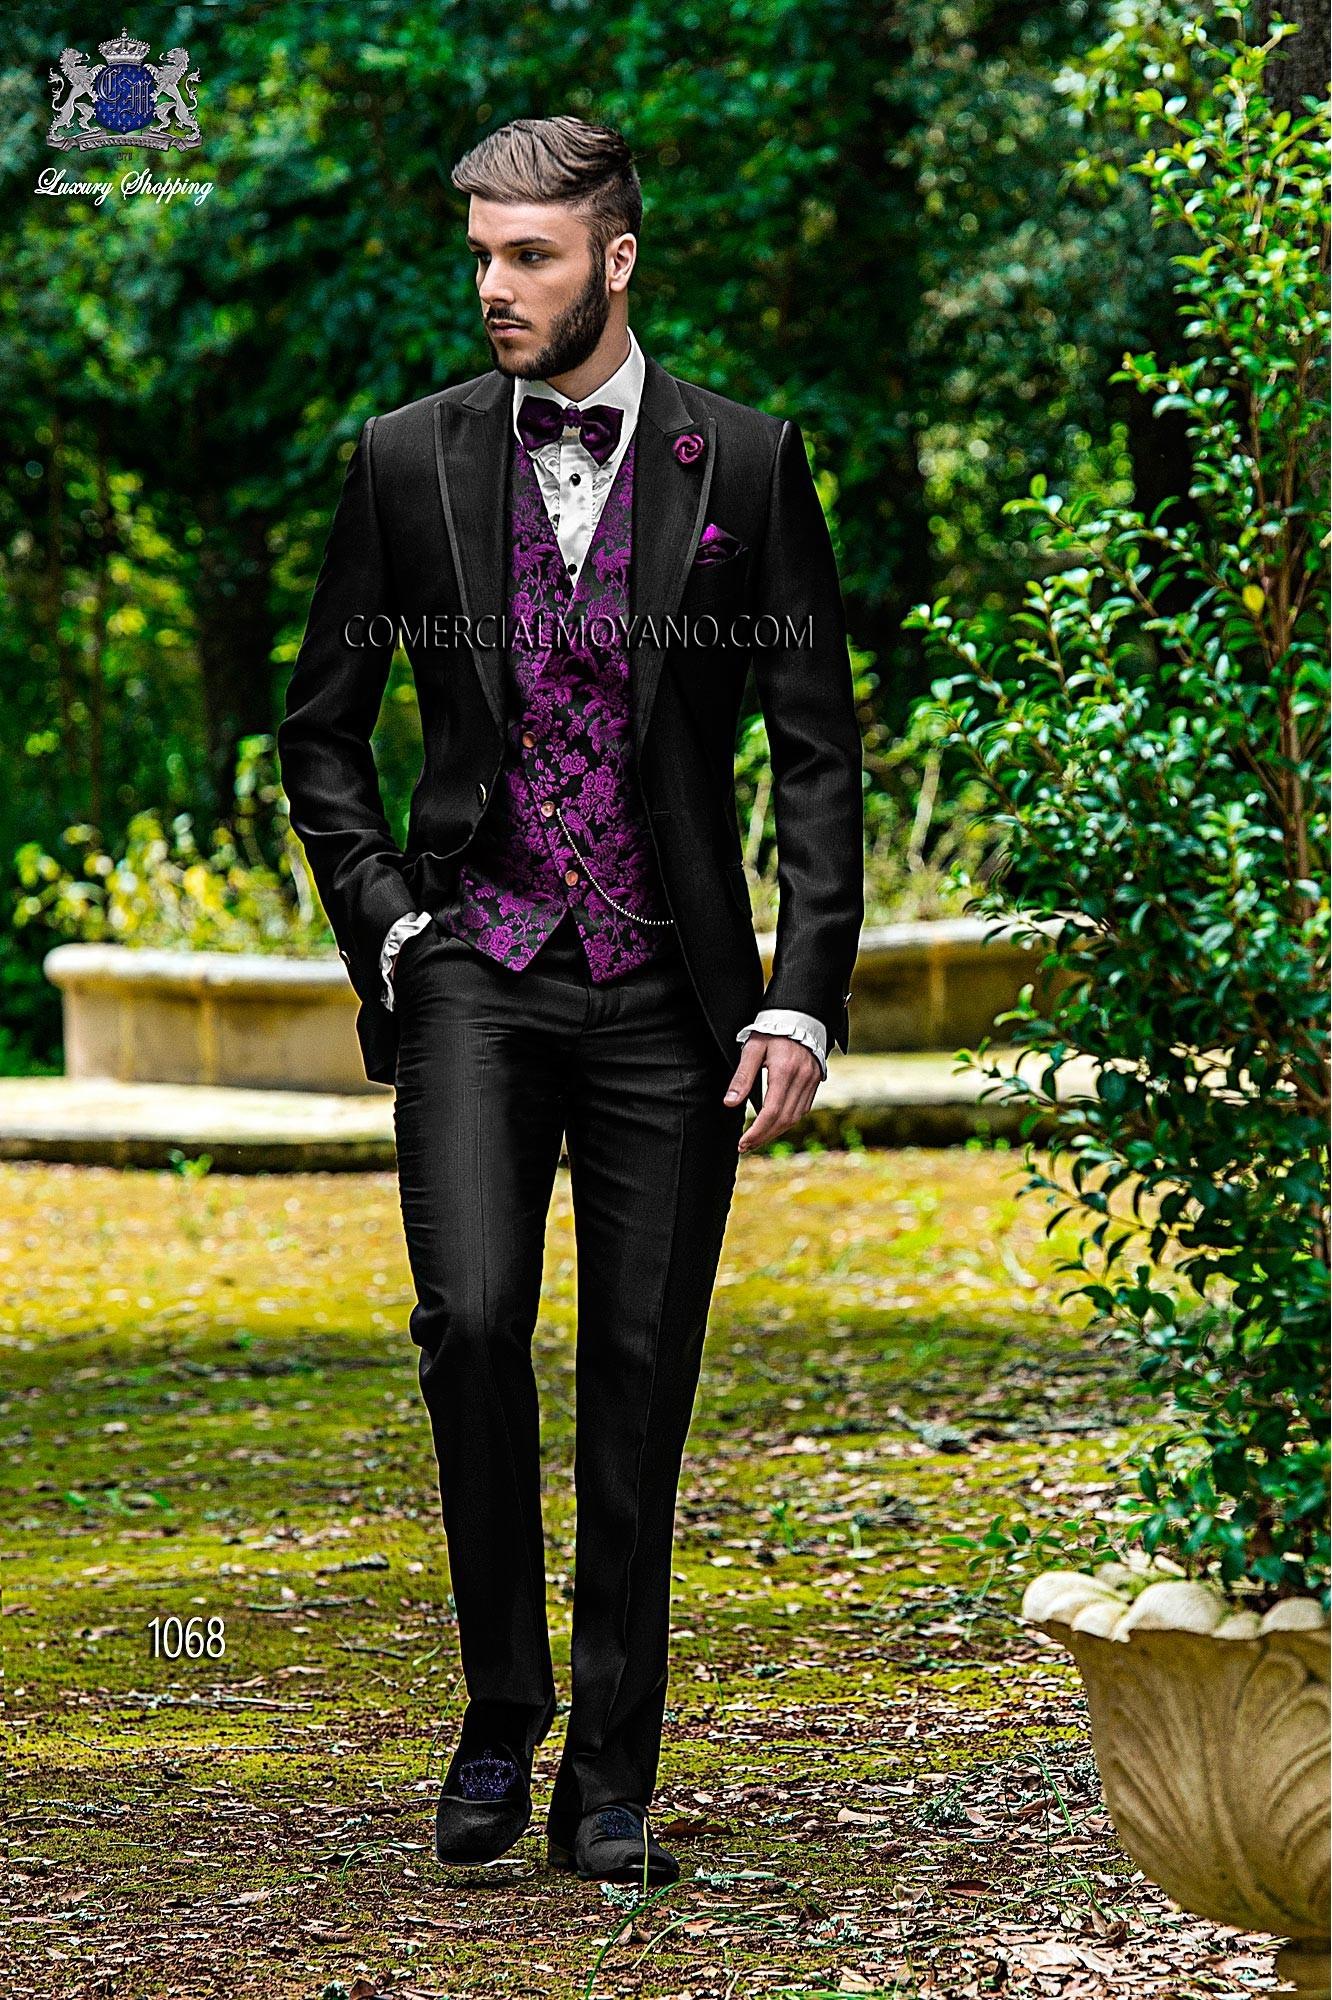 Fashion black men wedding suit model 1068 Ottavio Nuccio Gala